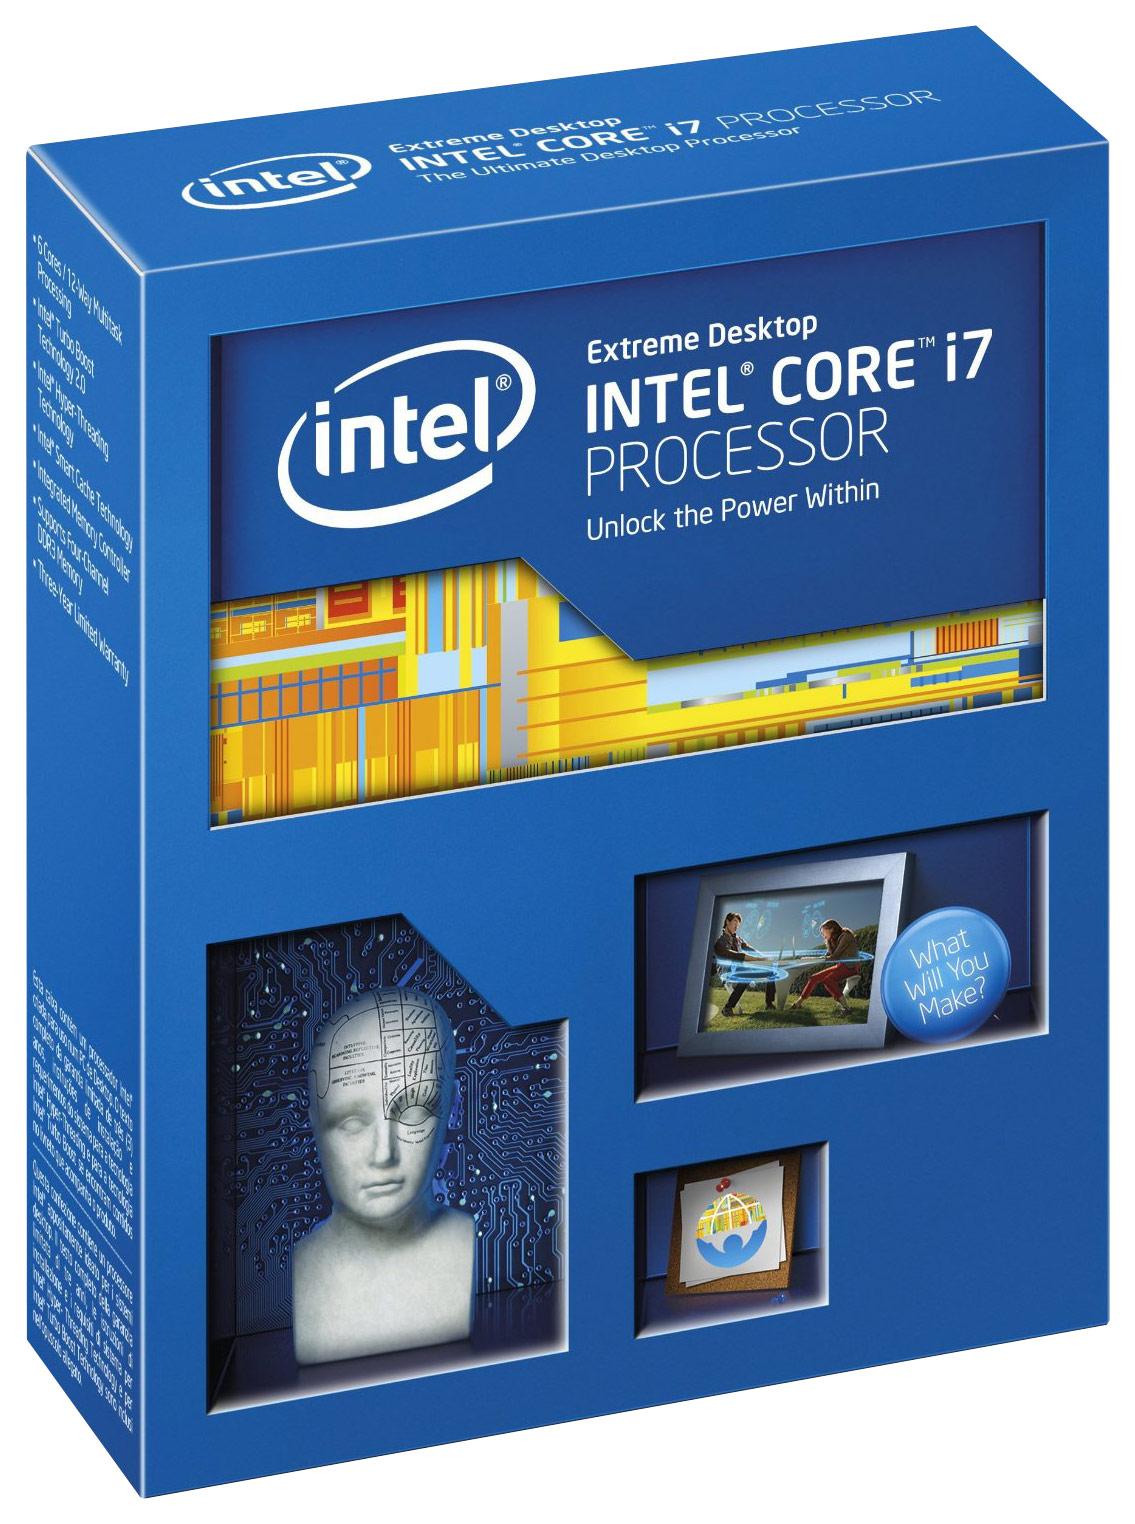 Intel® - Core™ i7-5930K 3.5GHz Processor - Multi